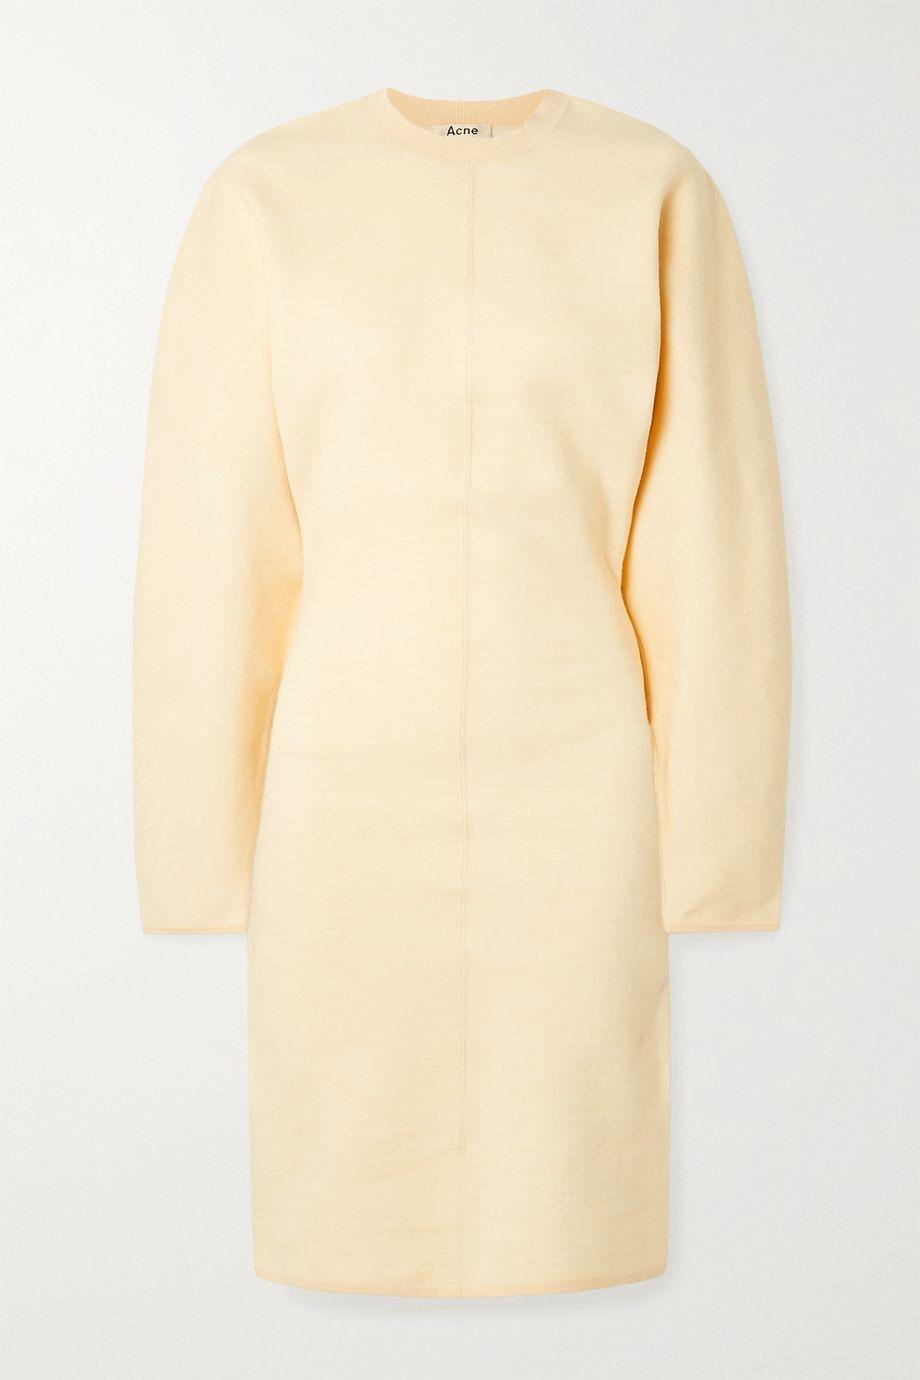 Acne Studios Stretch-jersey dress